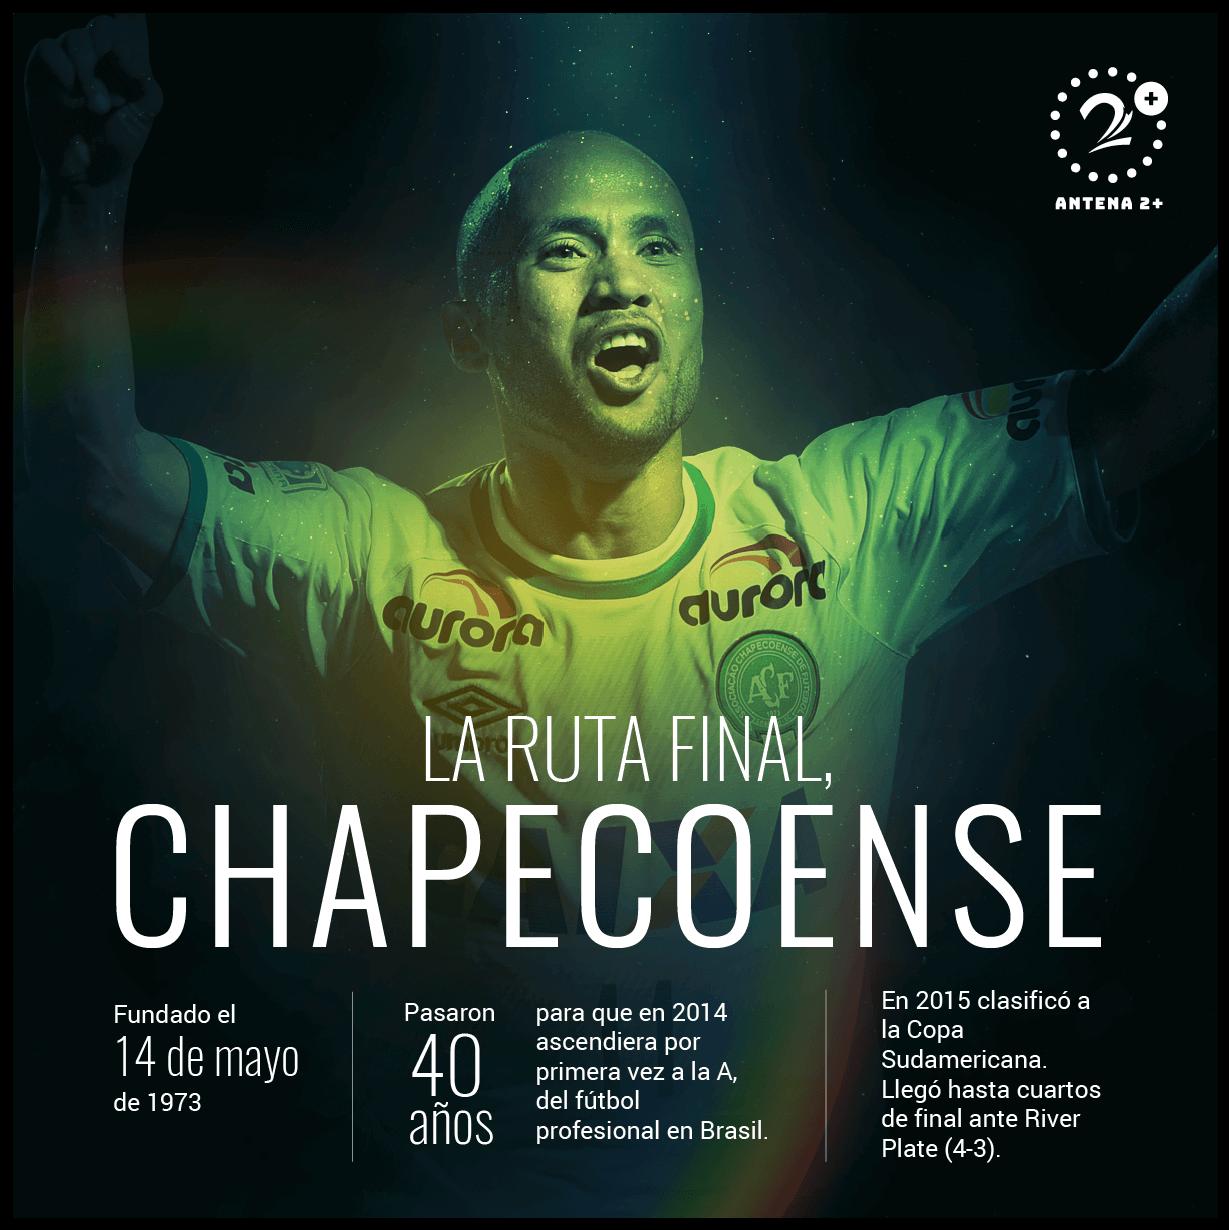 Chapecoense, fue fundado el 14 de mayo de 1973